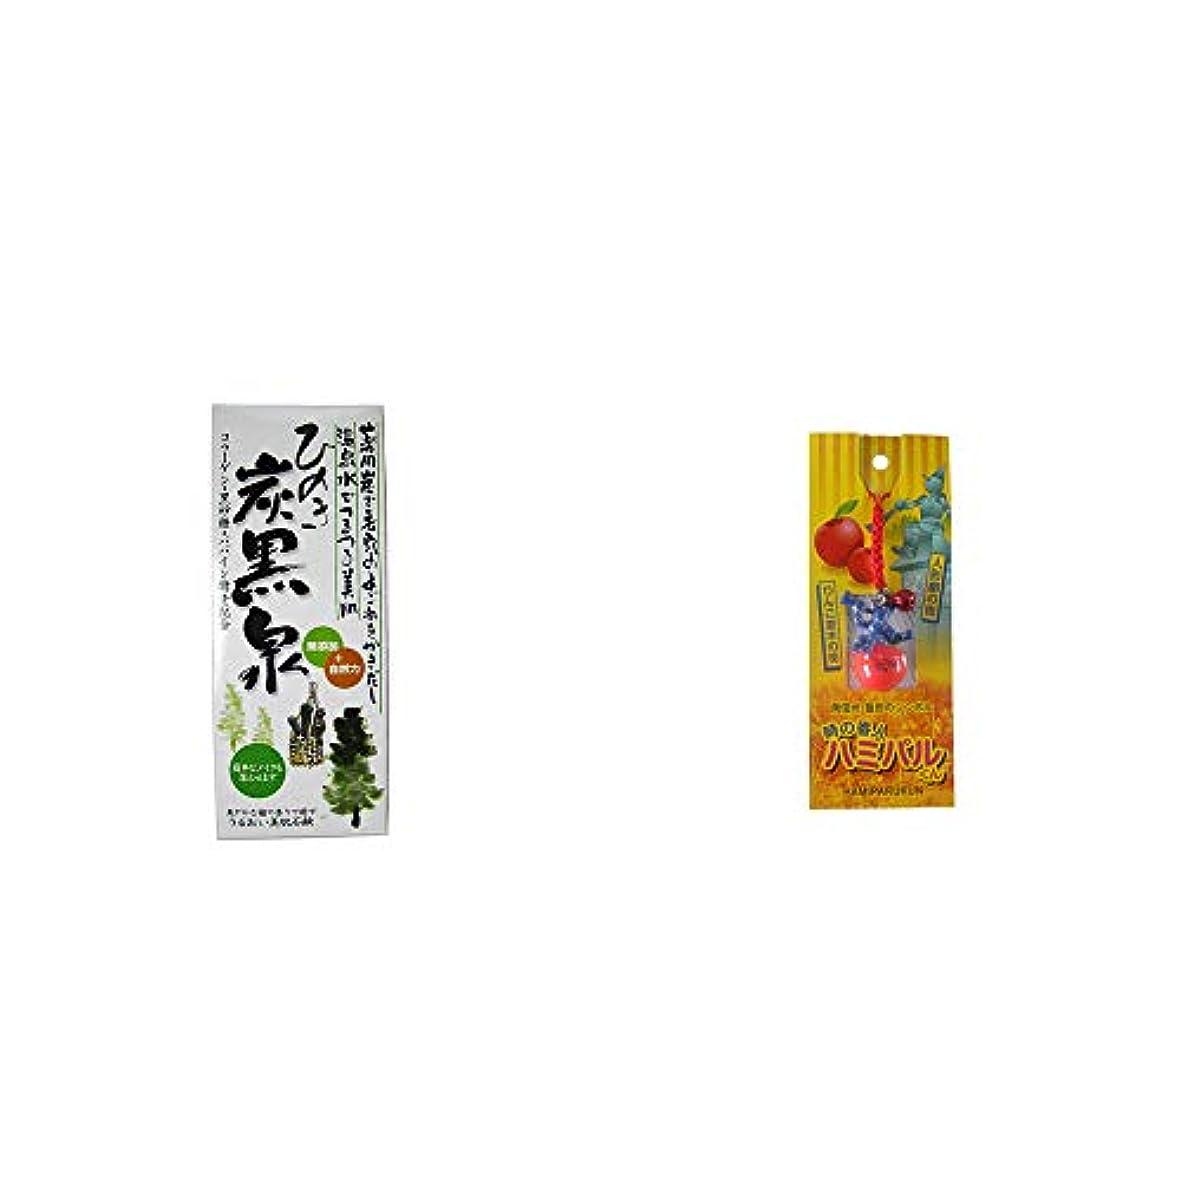 ホーム形衛星[2点セット] ひのき炭黒泉 箱入り(75g×3)?信州?飯田のシンボル 時の番人ハミパルくんストラップ